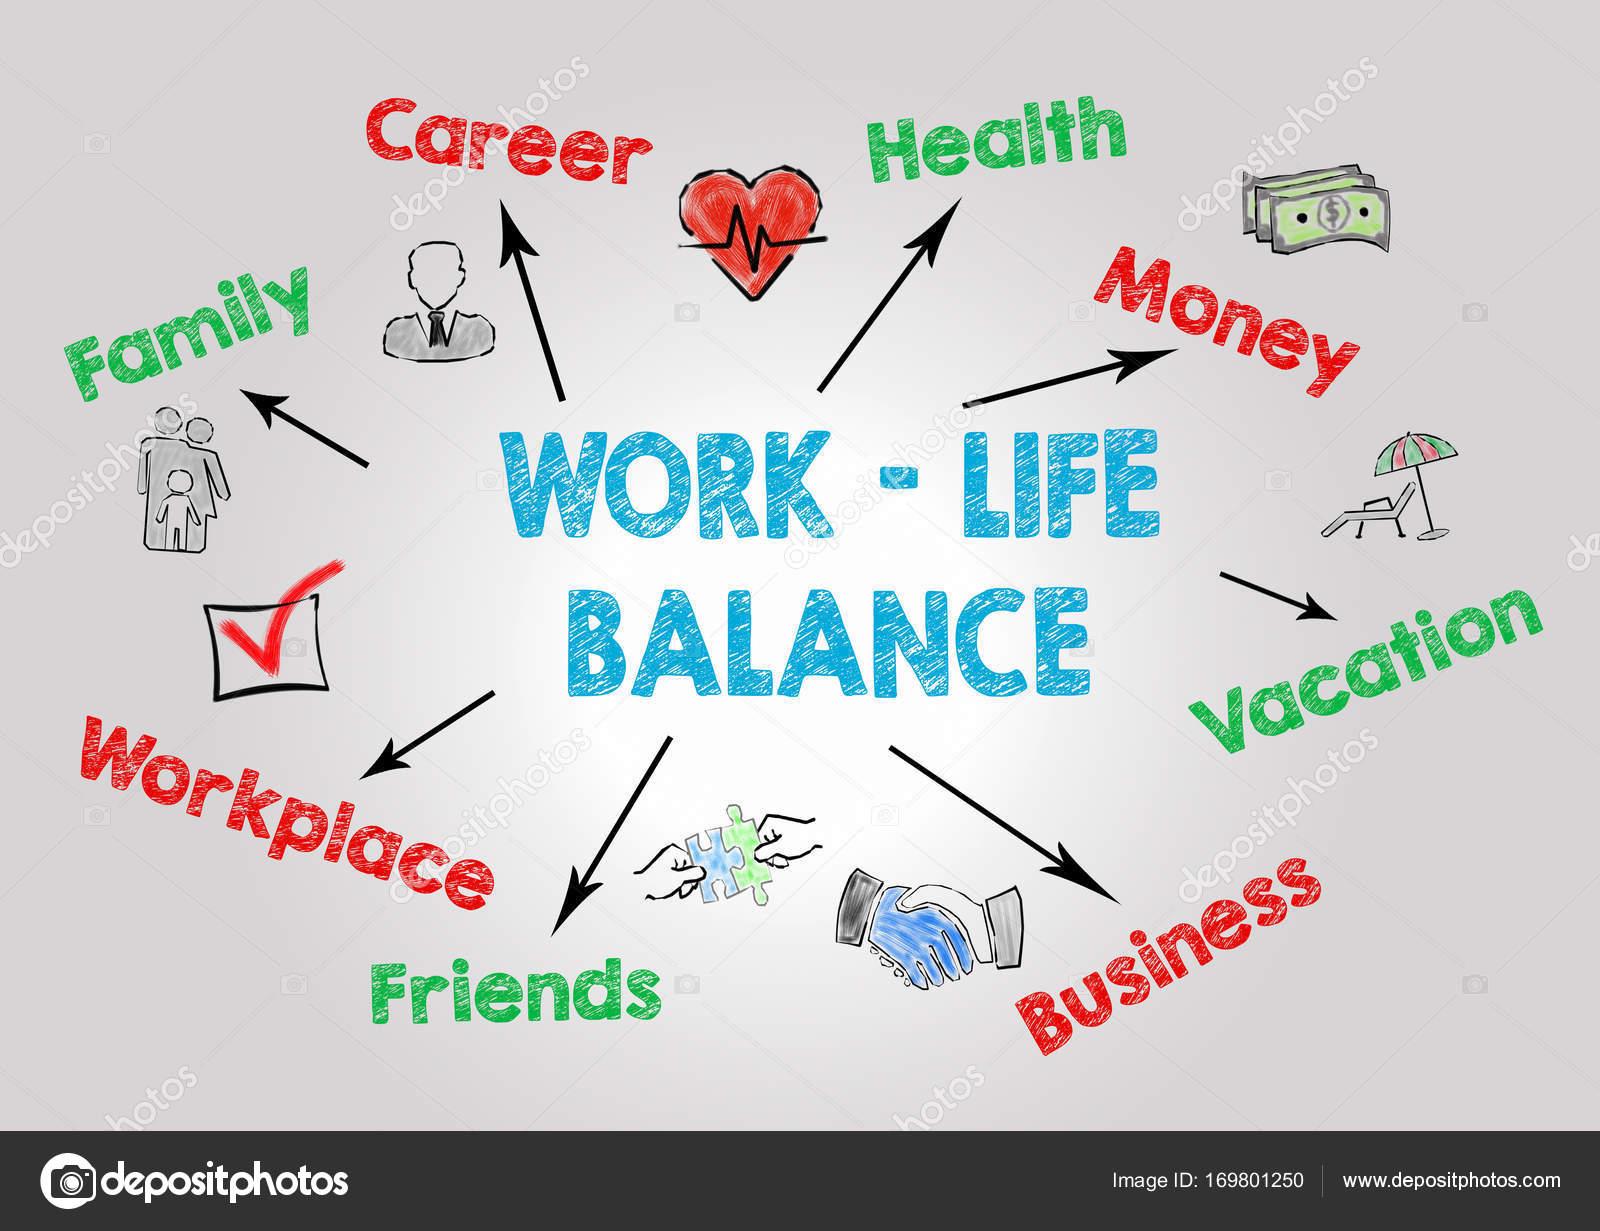 how to make work life balance